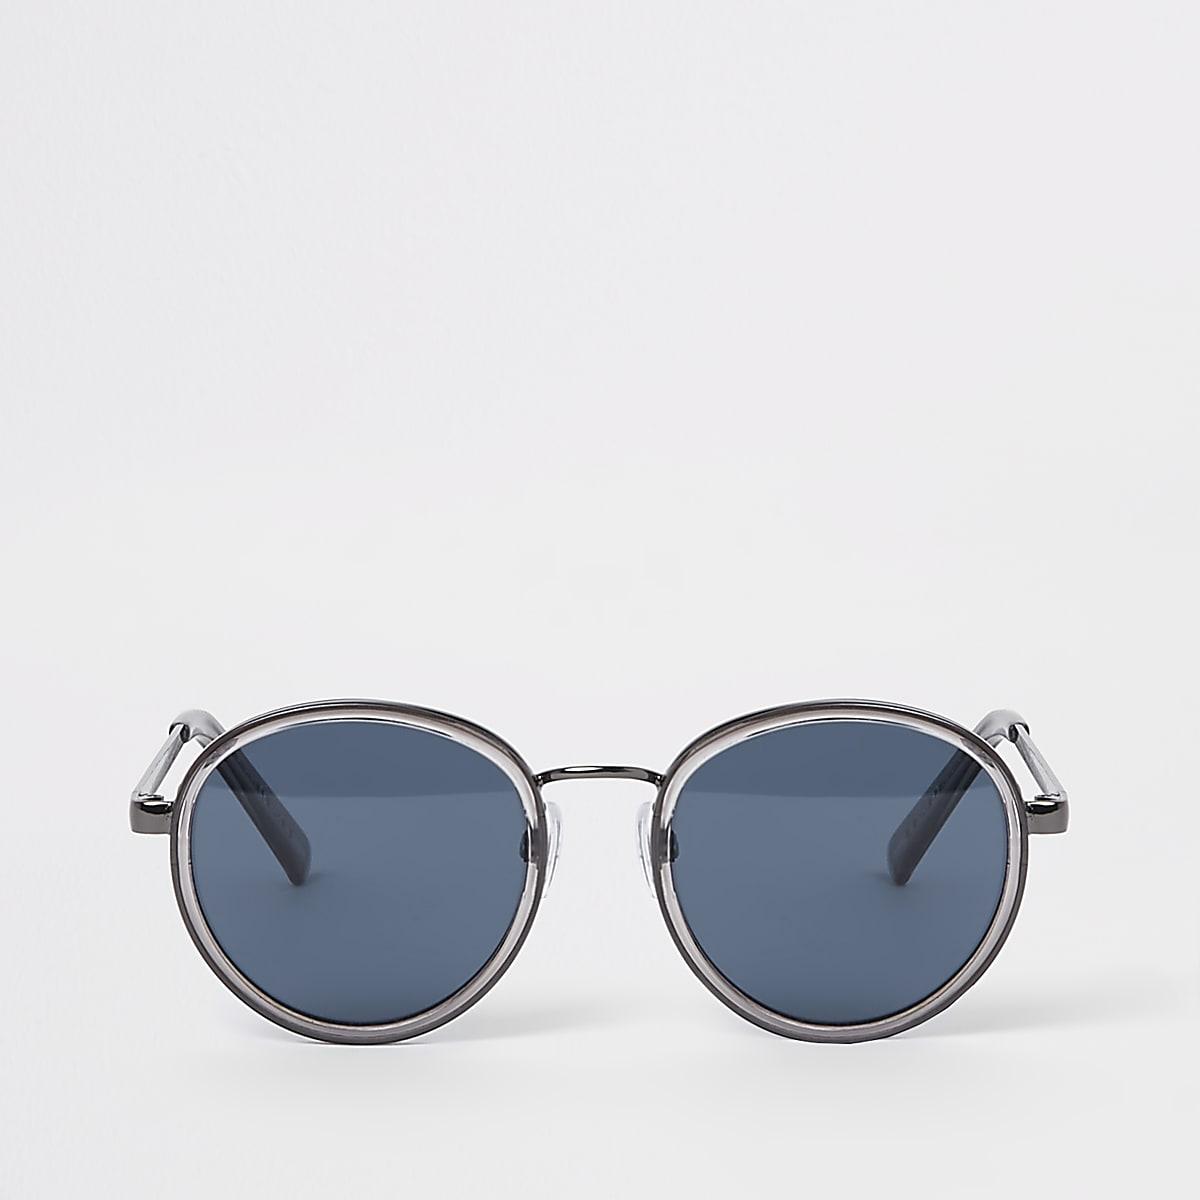 Lunettes de soleil rondes grises à verres bleus